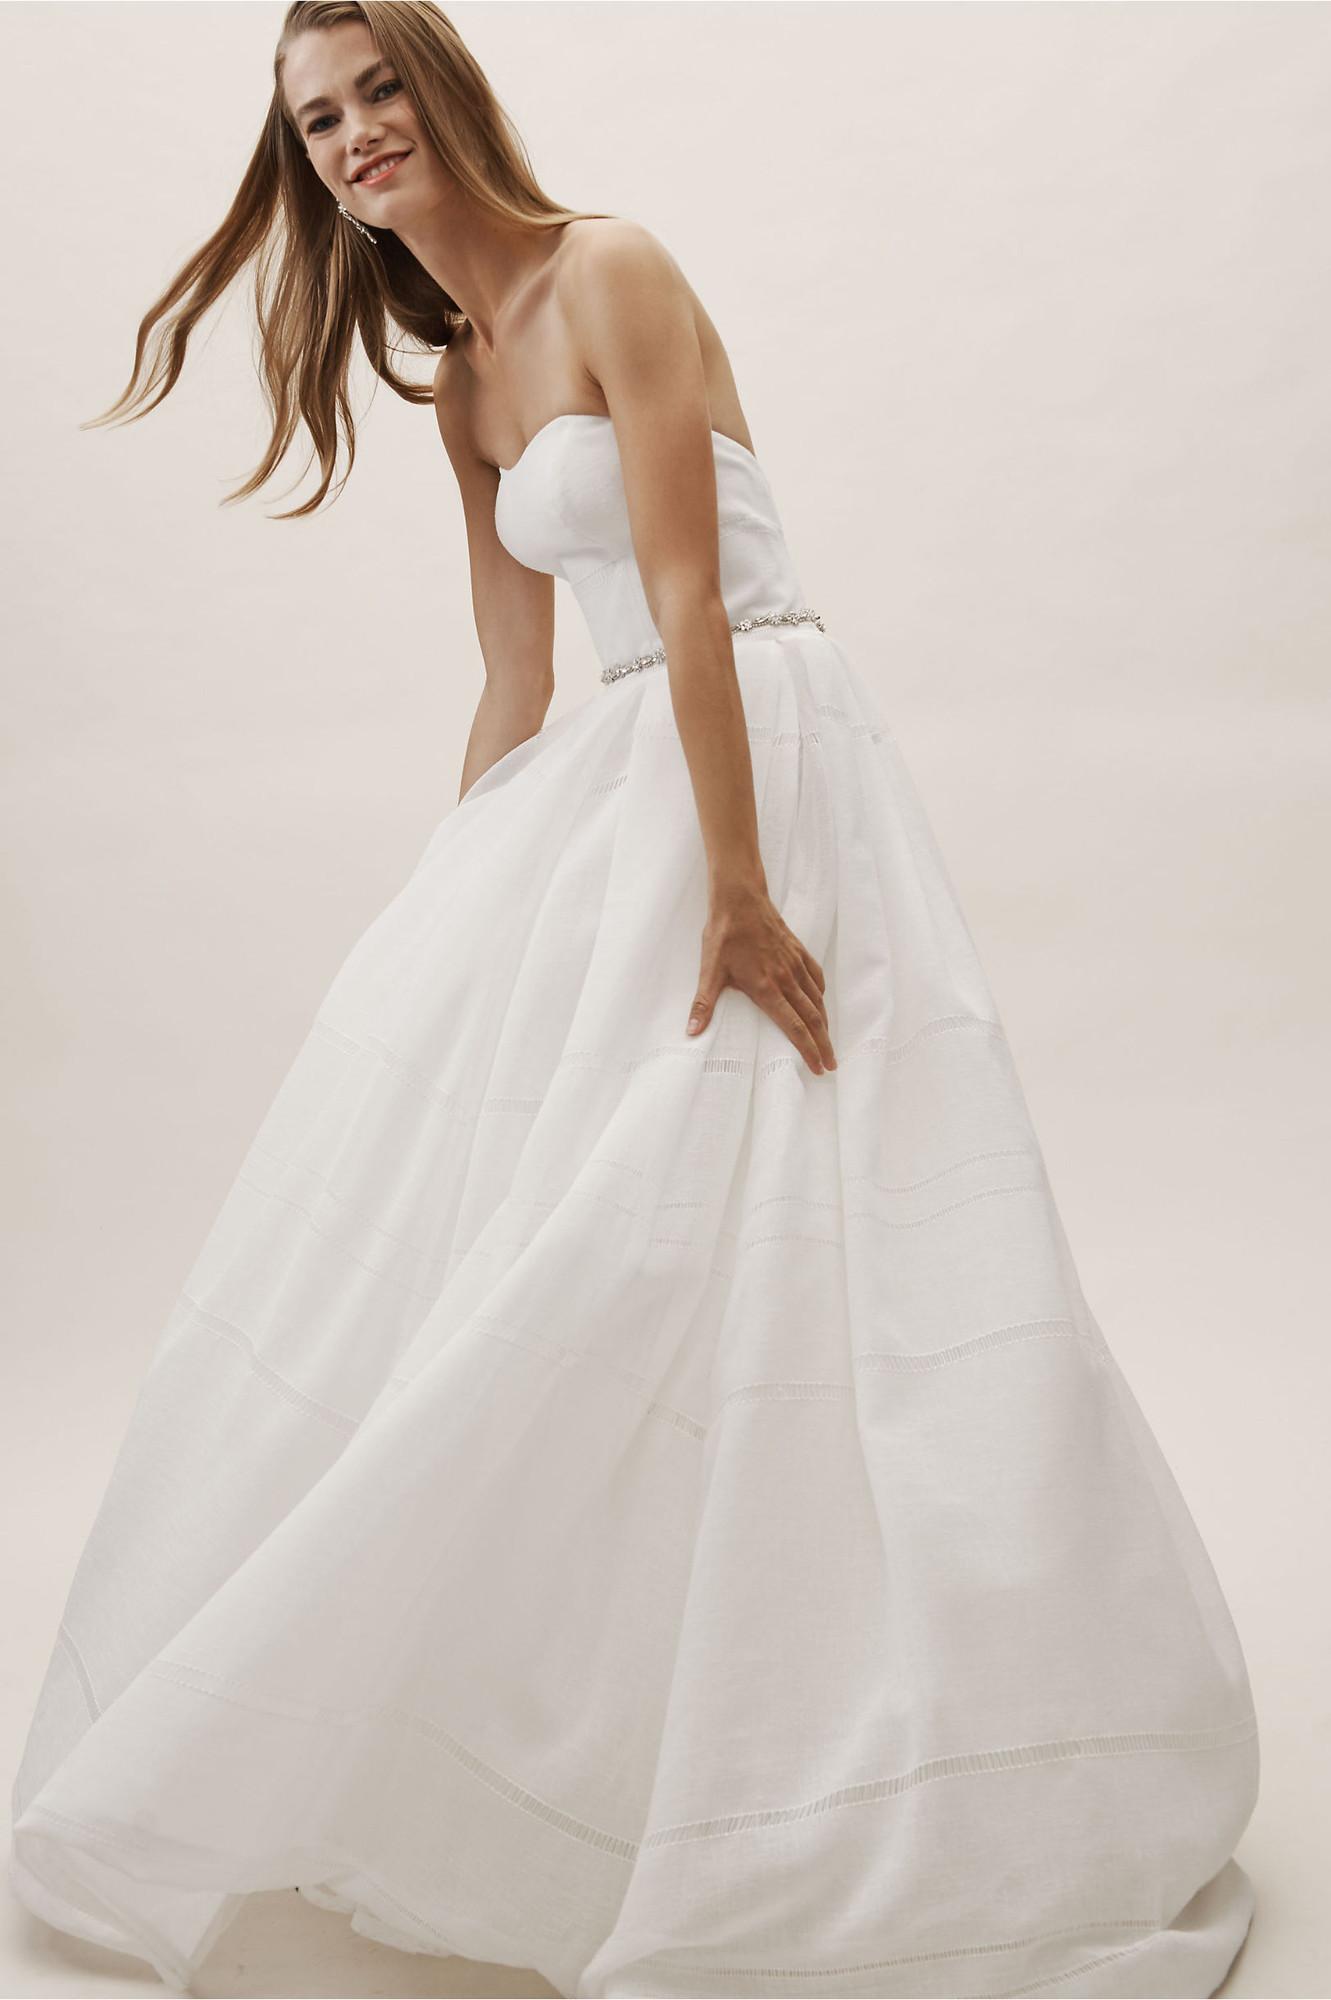 Linen Wedding Dress.Linen Wedding Dress Photos Linen Wedding Dress Pictures